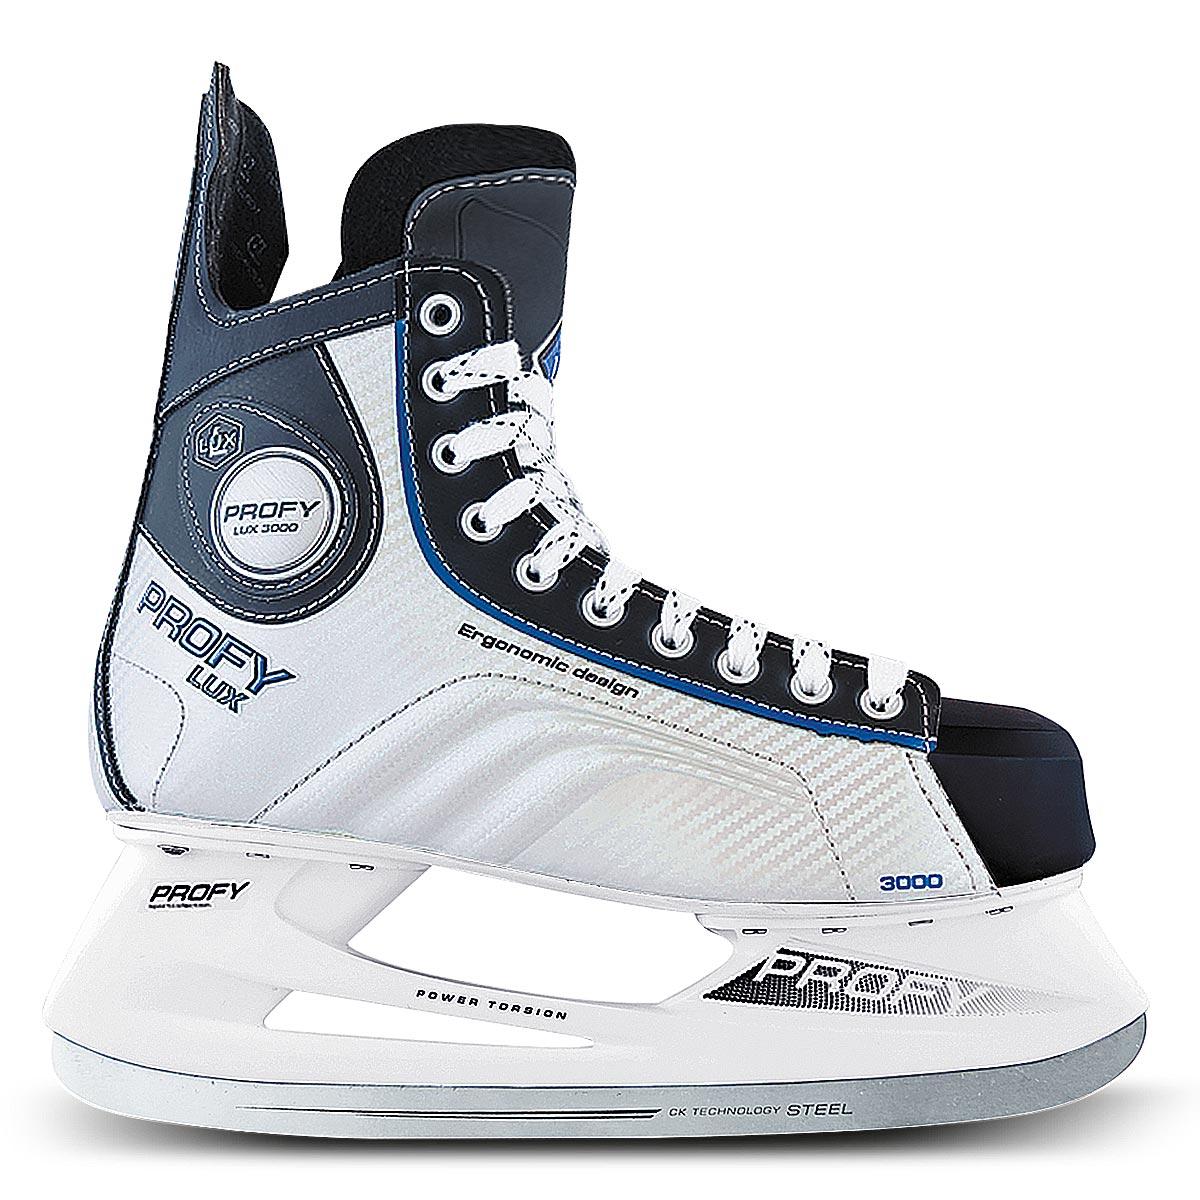 Коньки хоккейные мужские СК Profy Lux 3000, цвет: черный, серебряный, синий. Размер 37